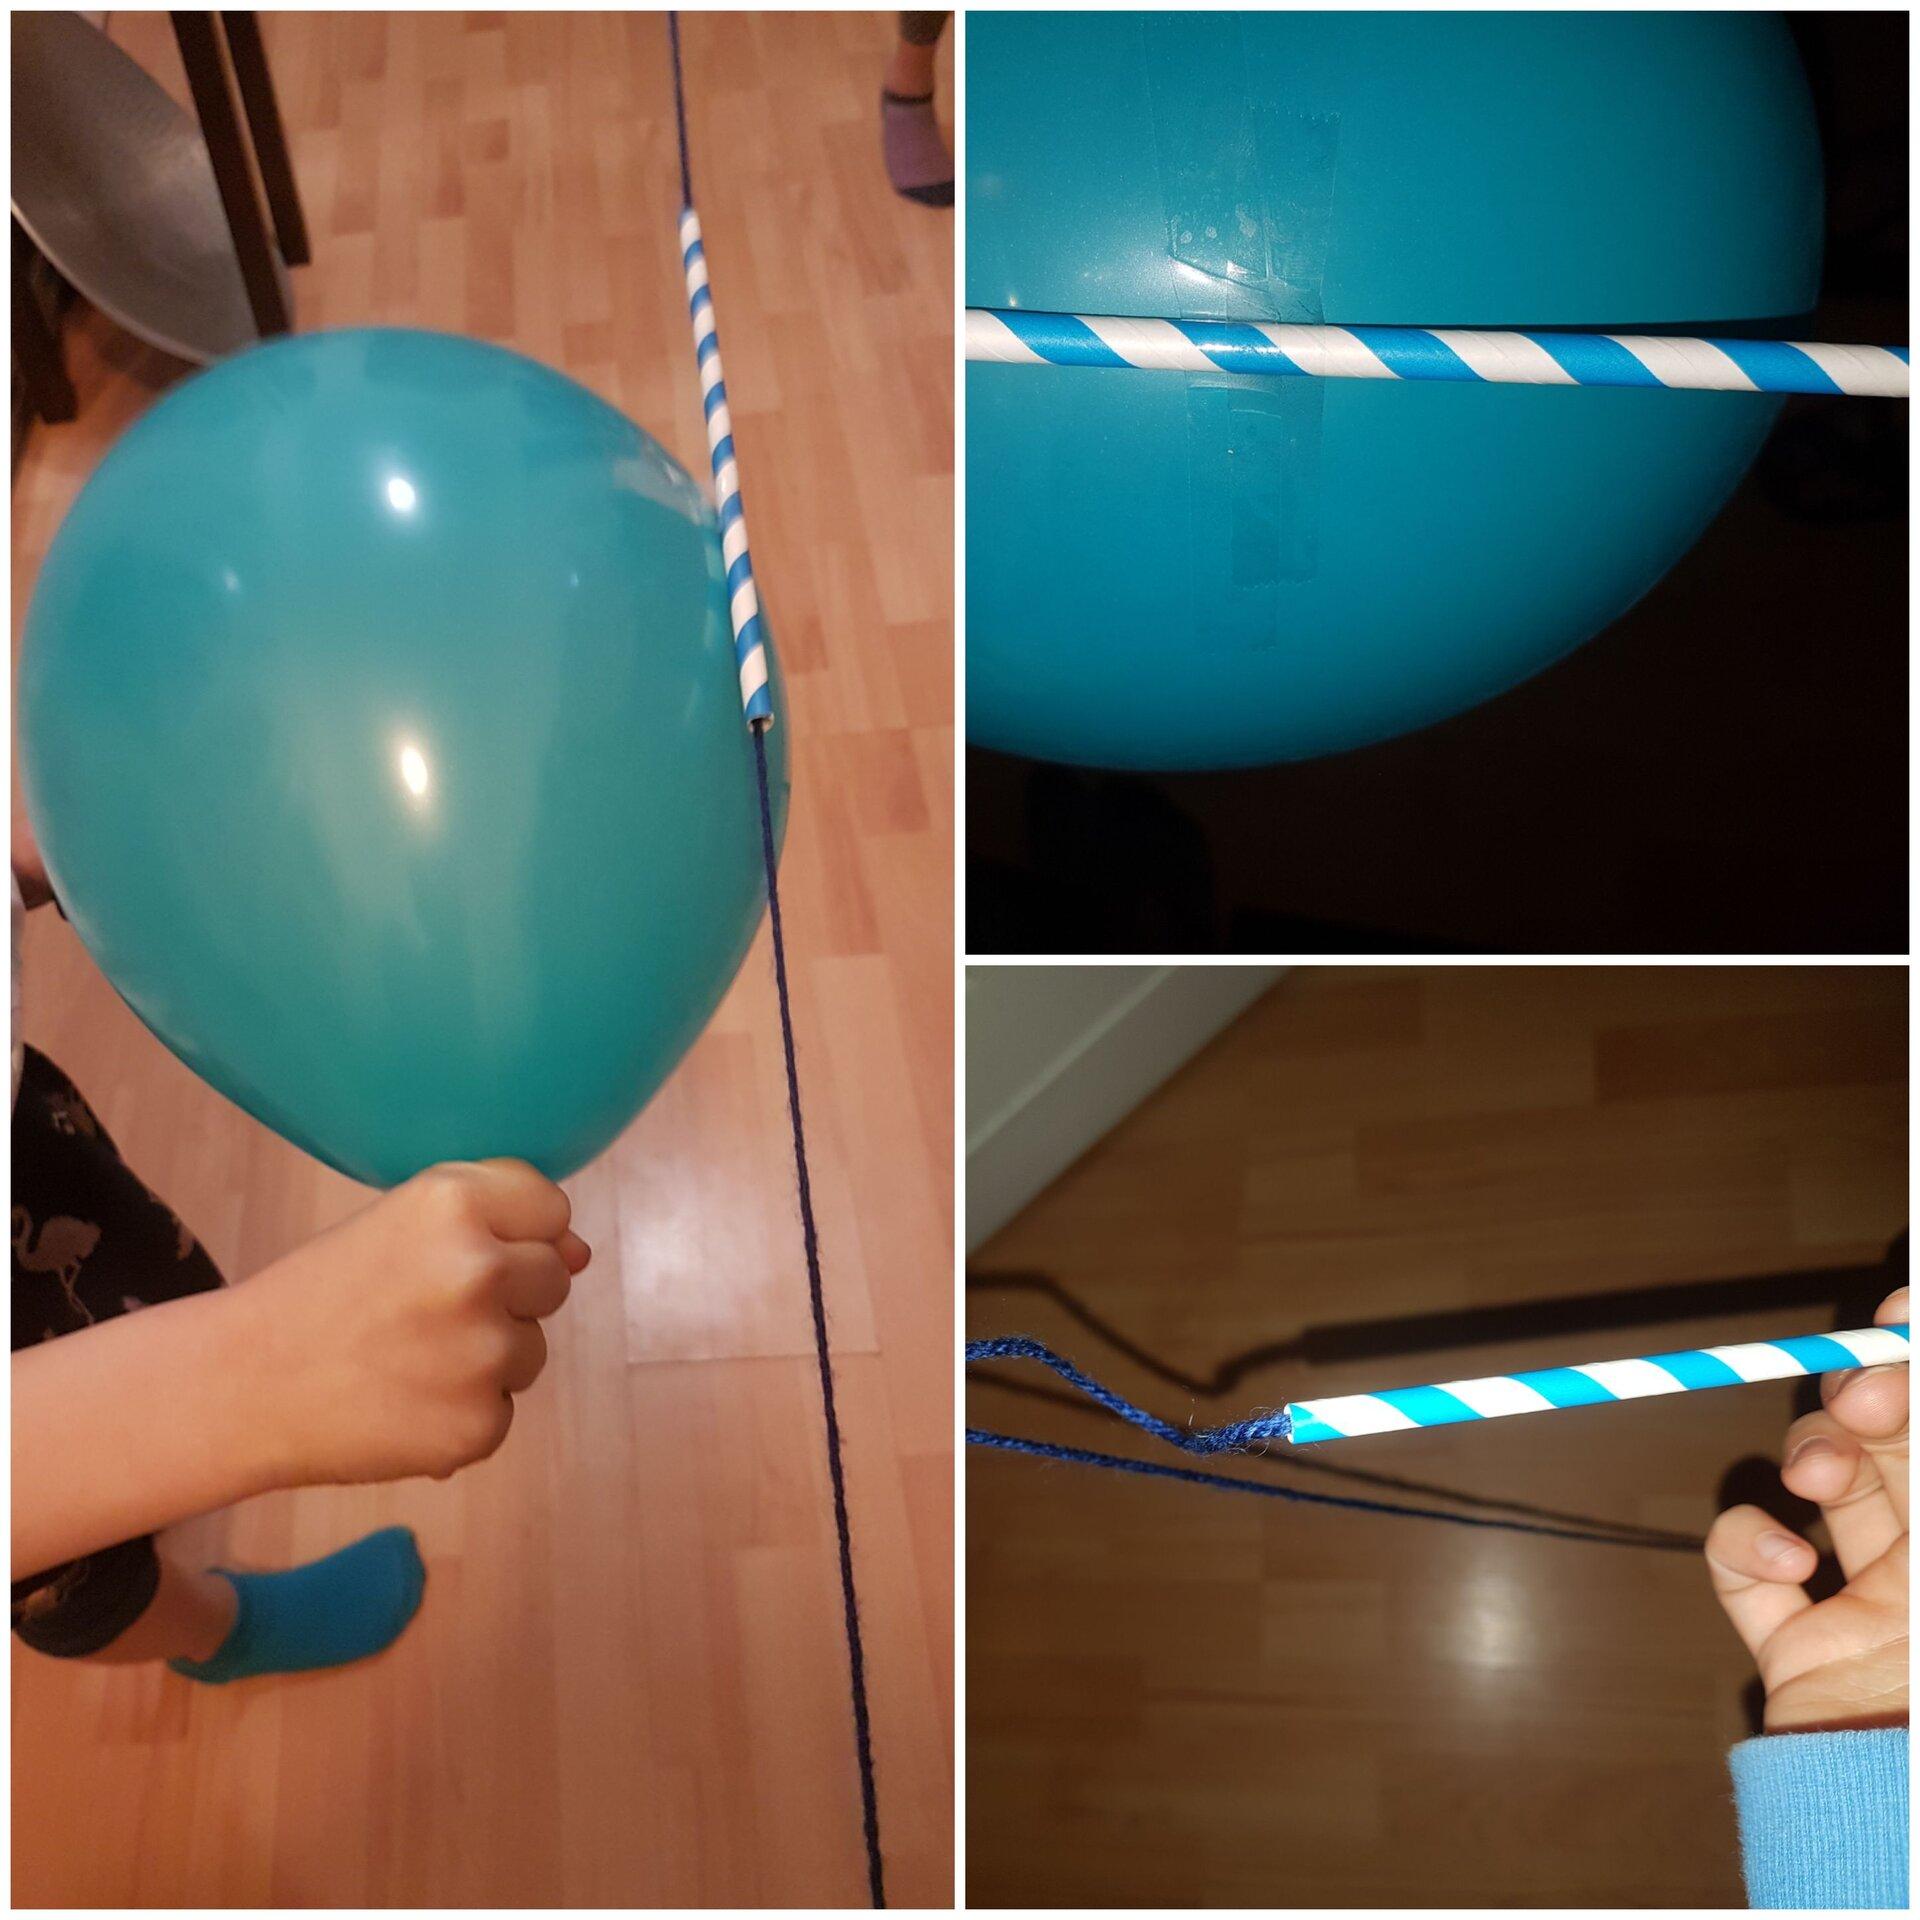 Luftballonrakete_1_2_